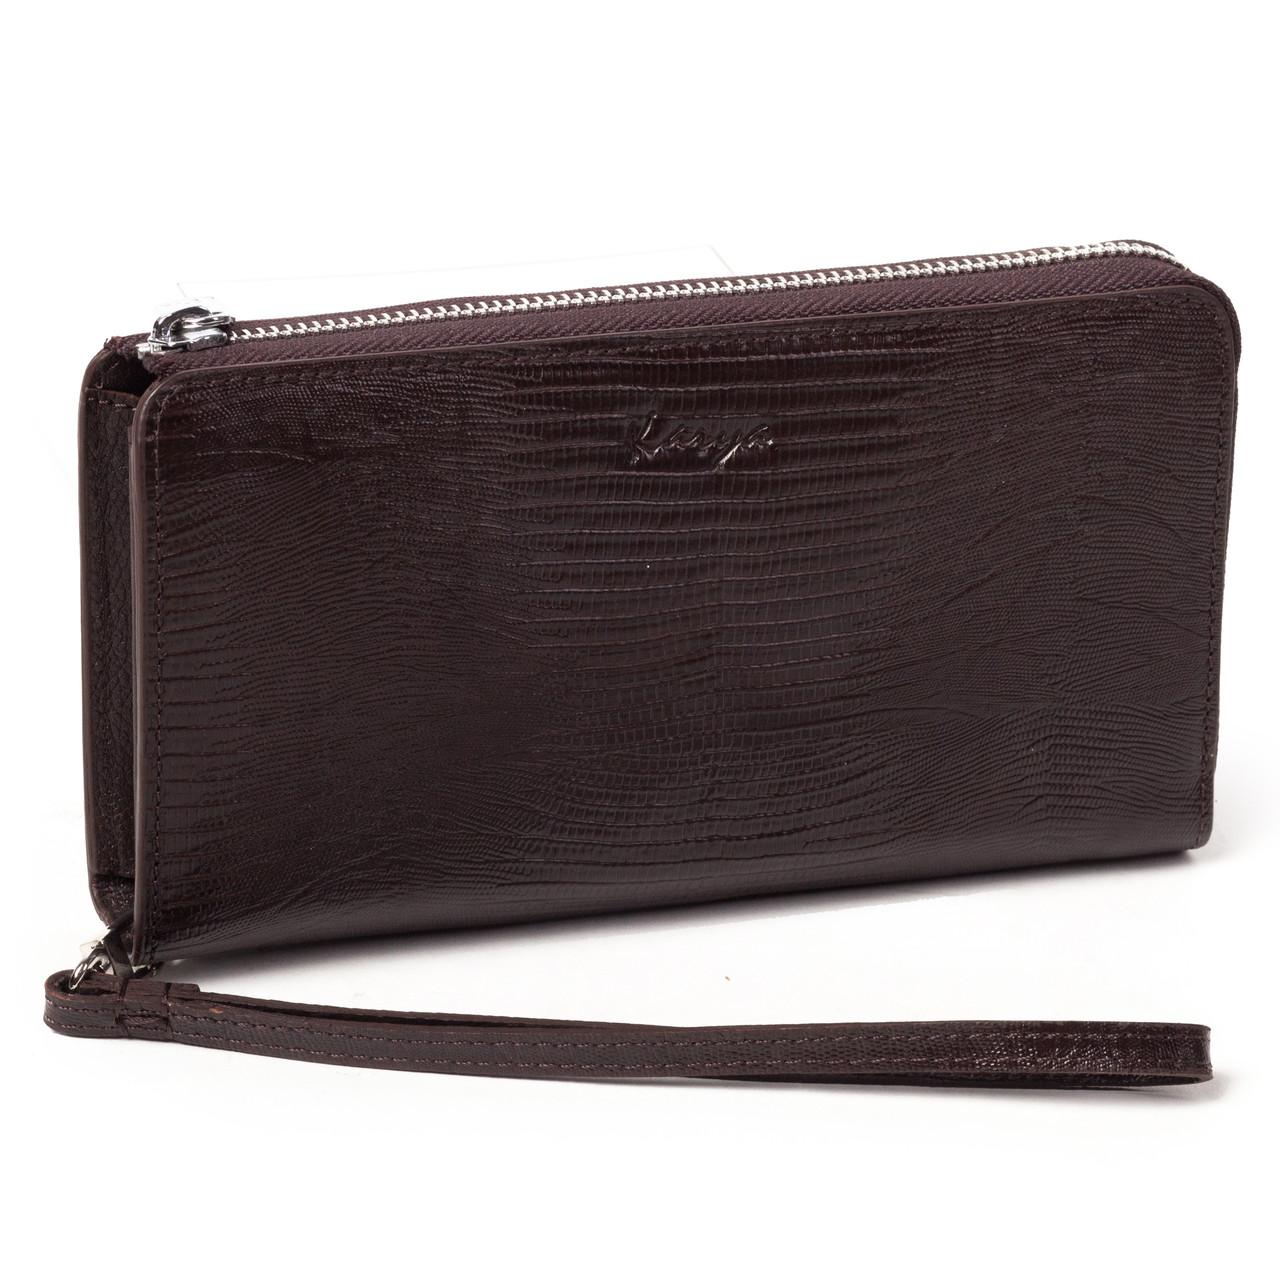 Клатч-кошелек Karya 0709-077 мужской кожаный коричневый